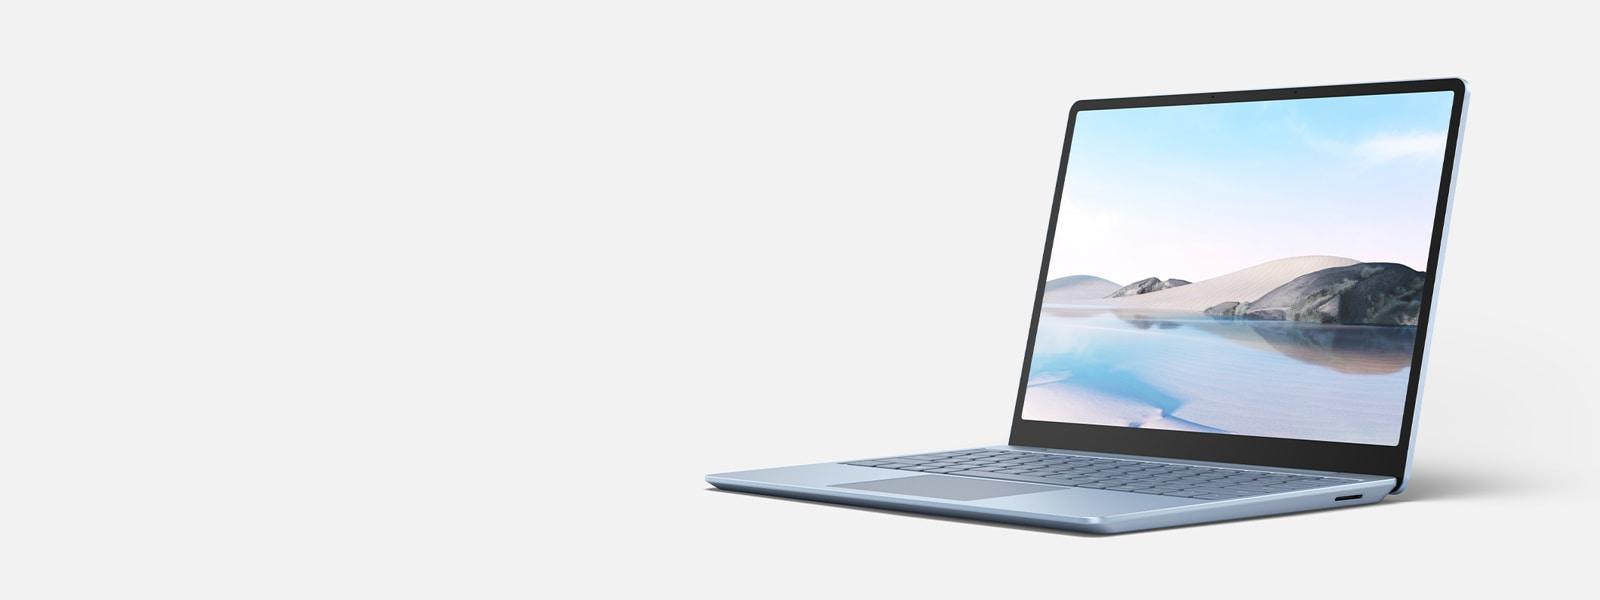 開いた状態でディスプレイに置かれている Surface Laptop Go。